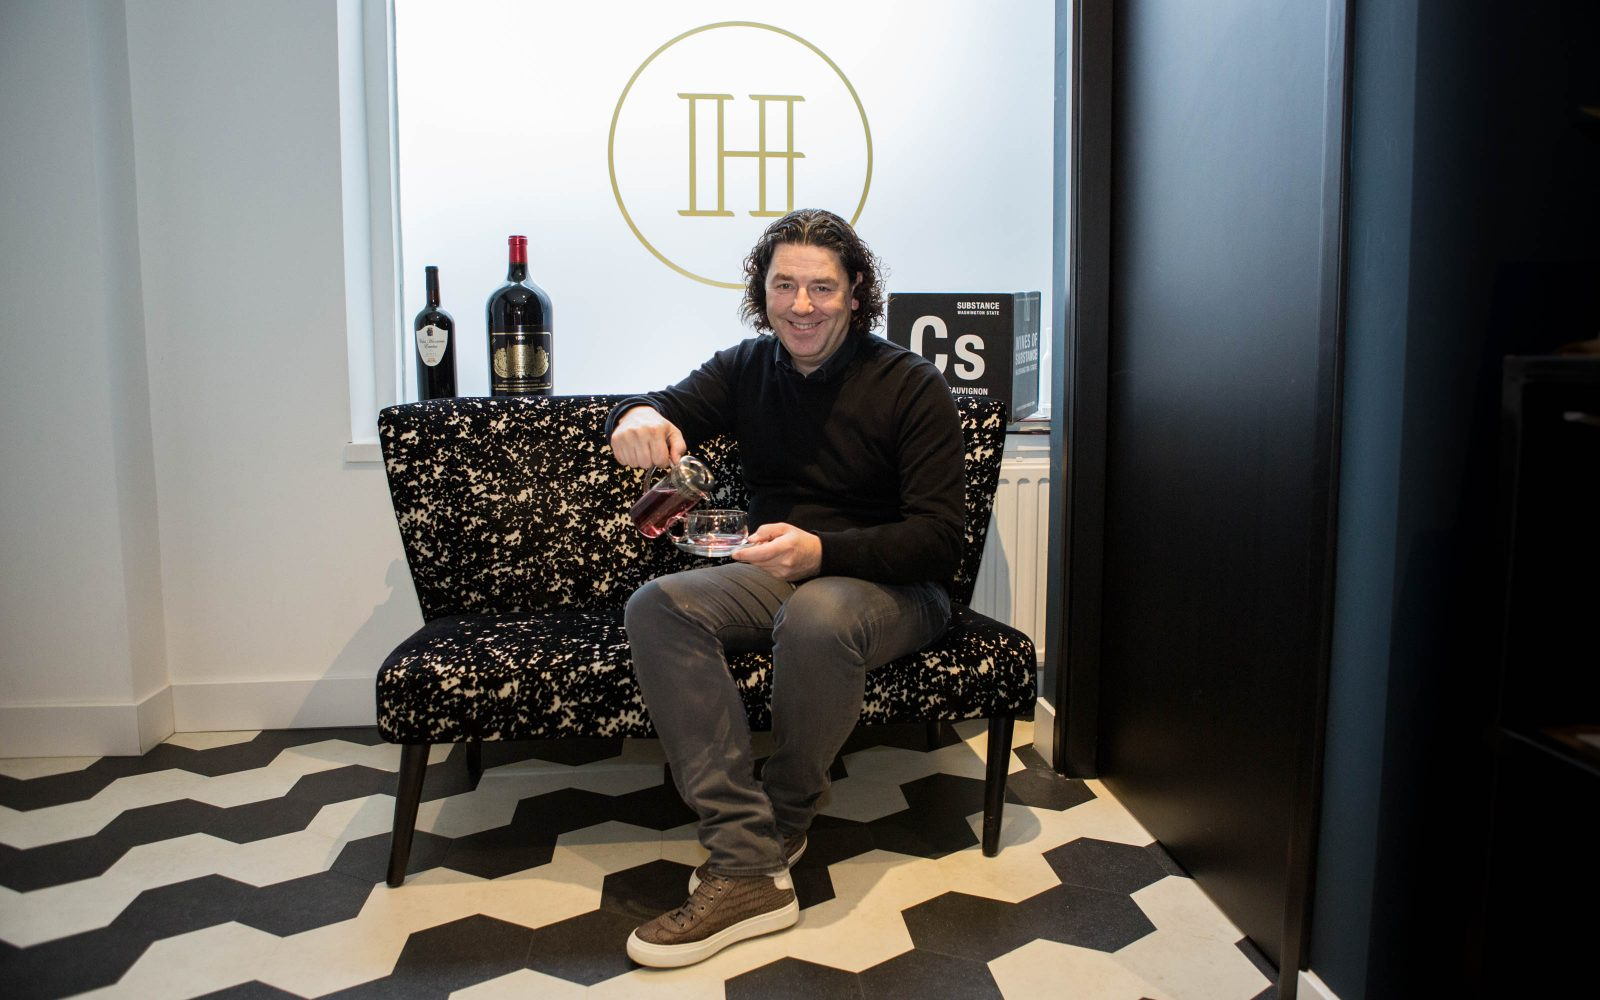 Harrie Baas van Harries Wine & Deli aan de Hoogstraat in Rotterdam foto's Emiel Meijer